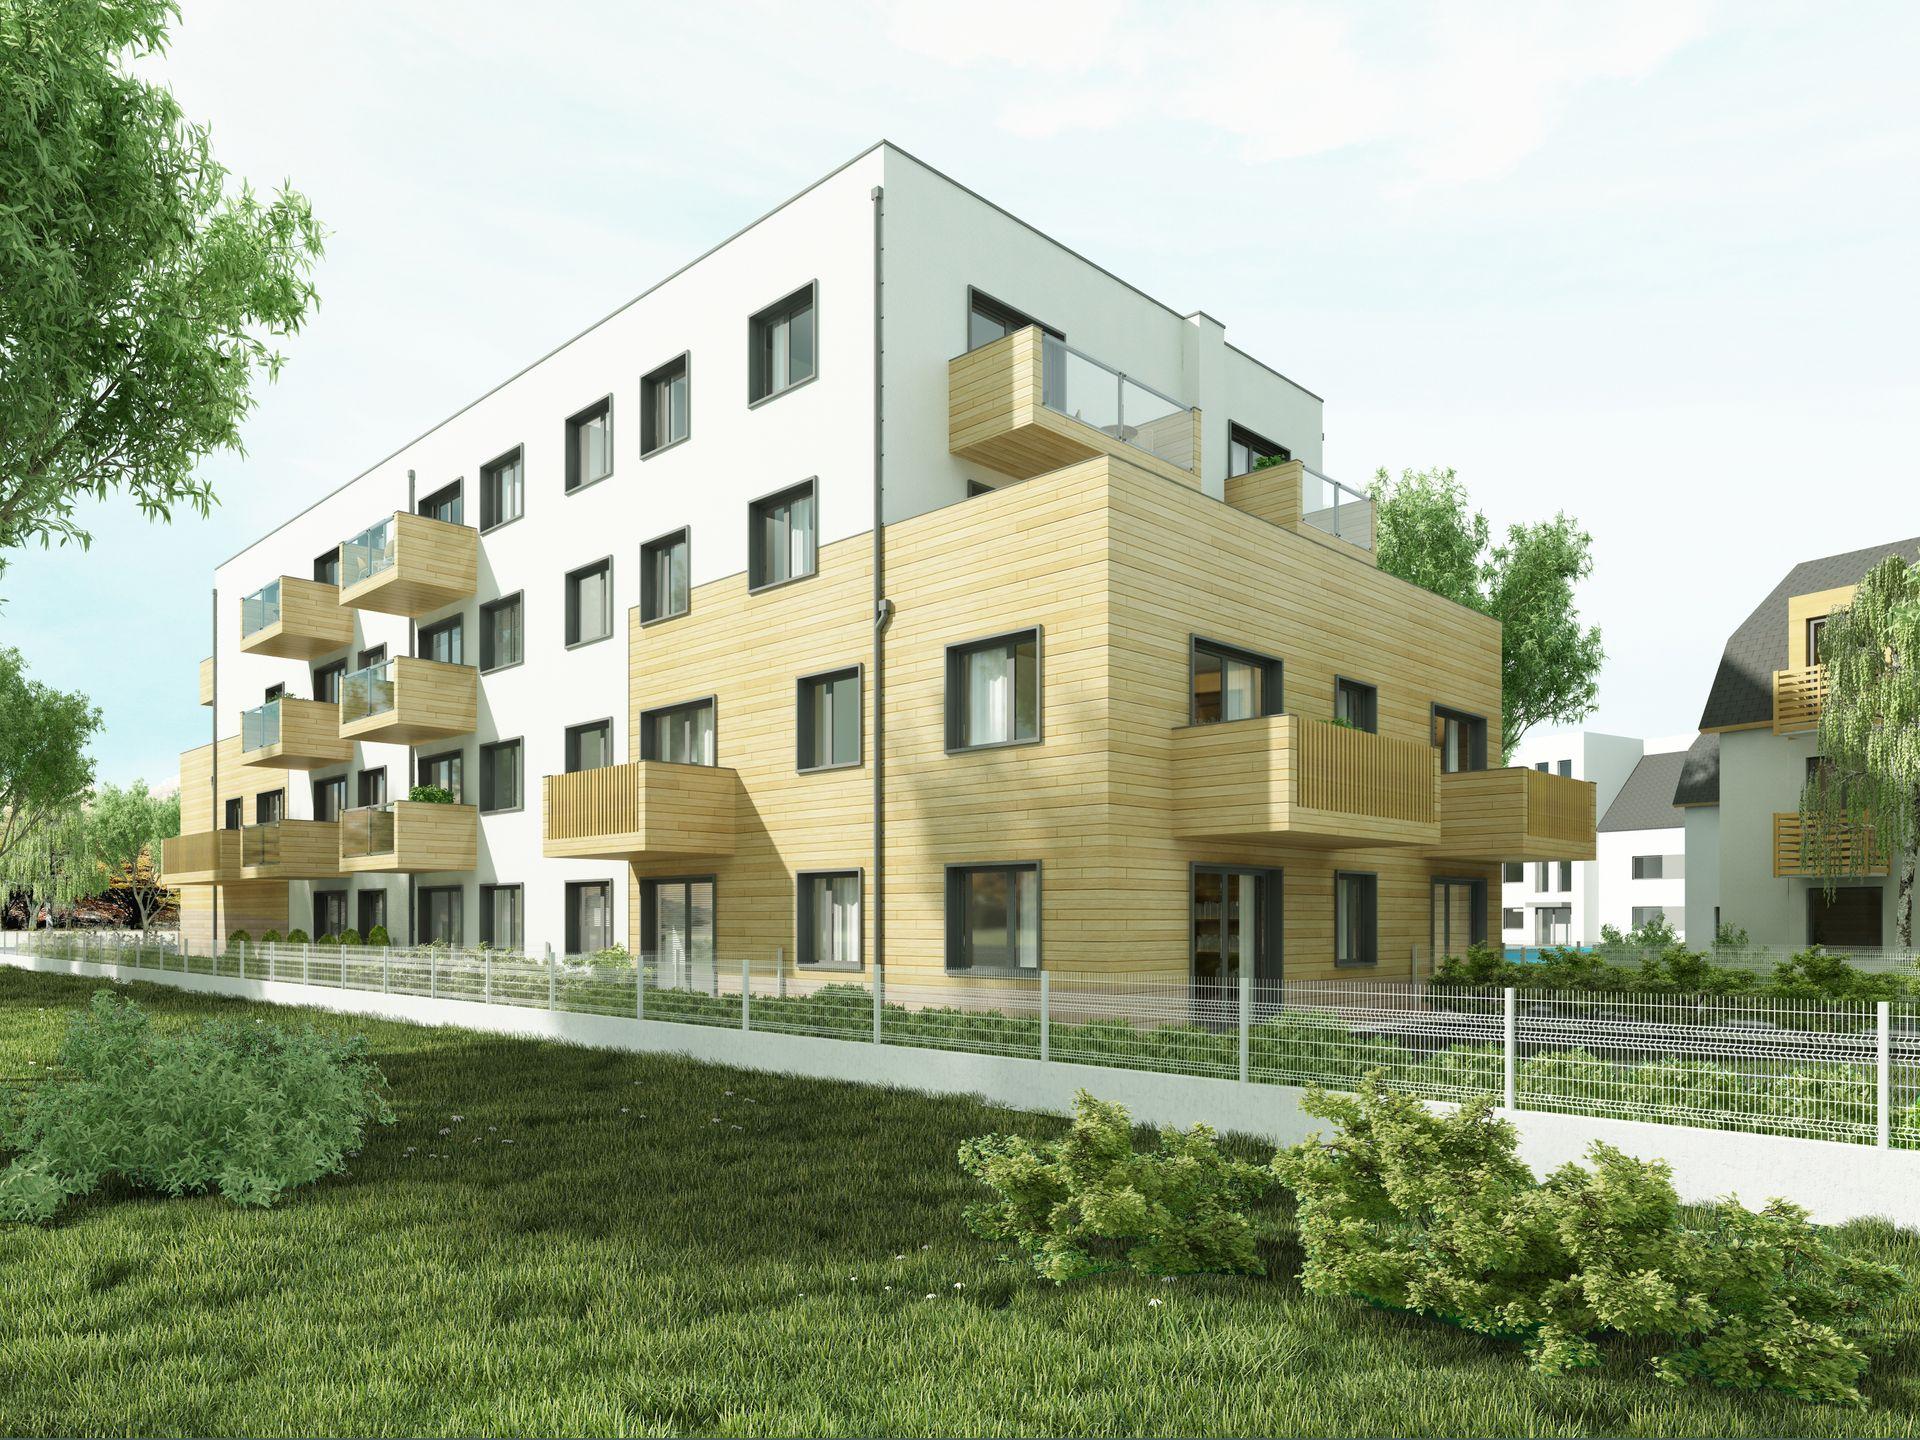 [Wrocław] Kolejna budynek mieszkalny stanie na Muchoborze Wielkim. Tak ma wyglądać [WIZUALIZACJE]